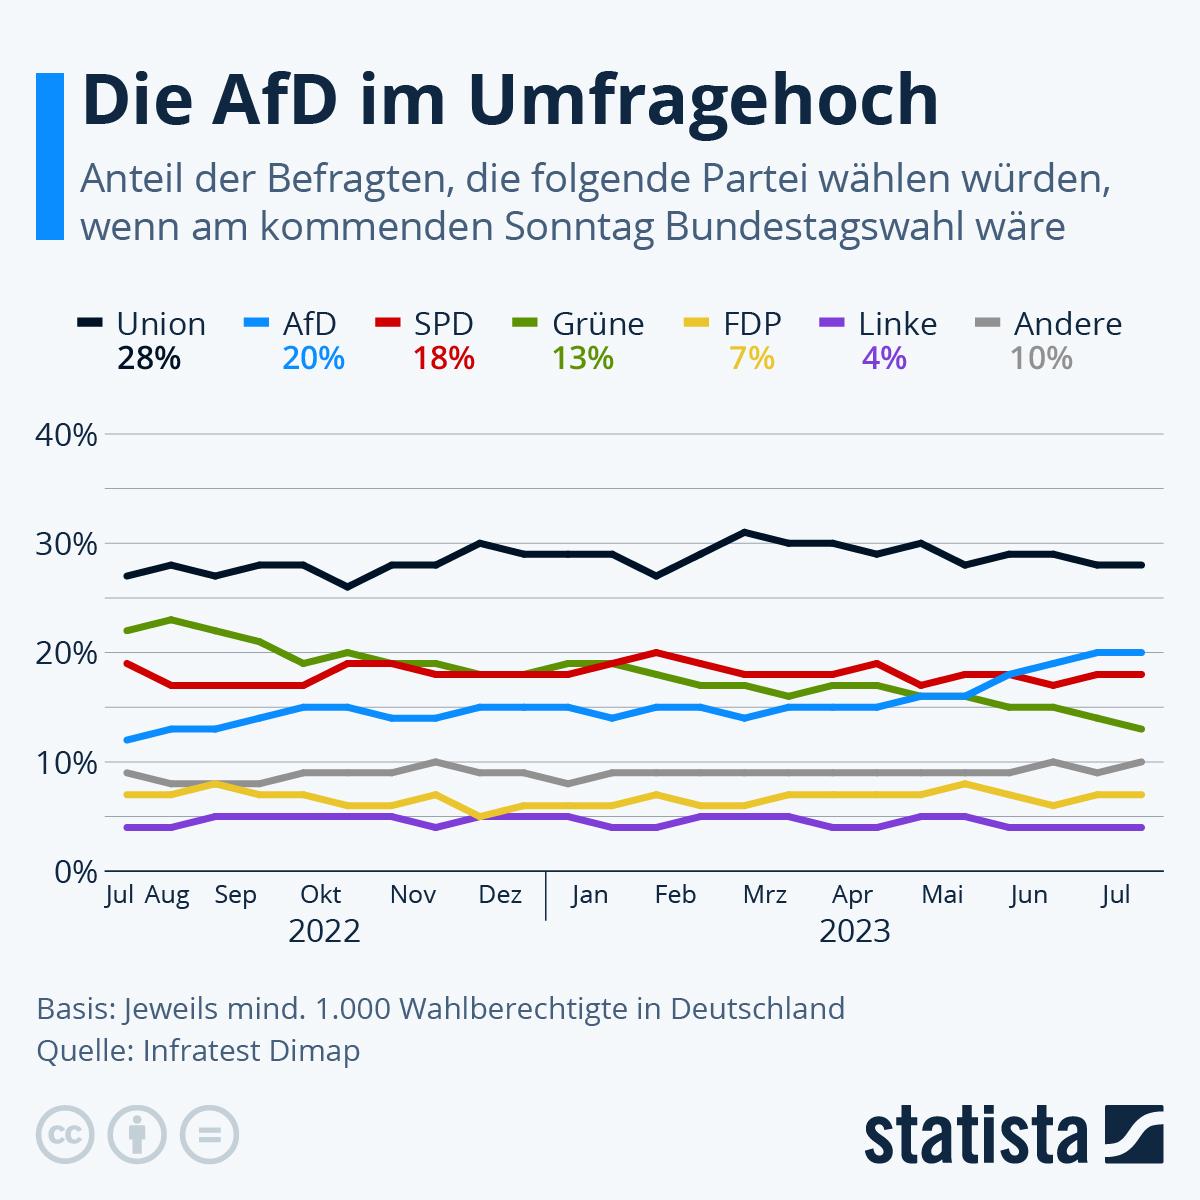 Infografik: Sonntagsfrage: Abwärtstrend der Union gestoppt | Statista